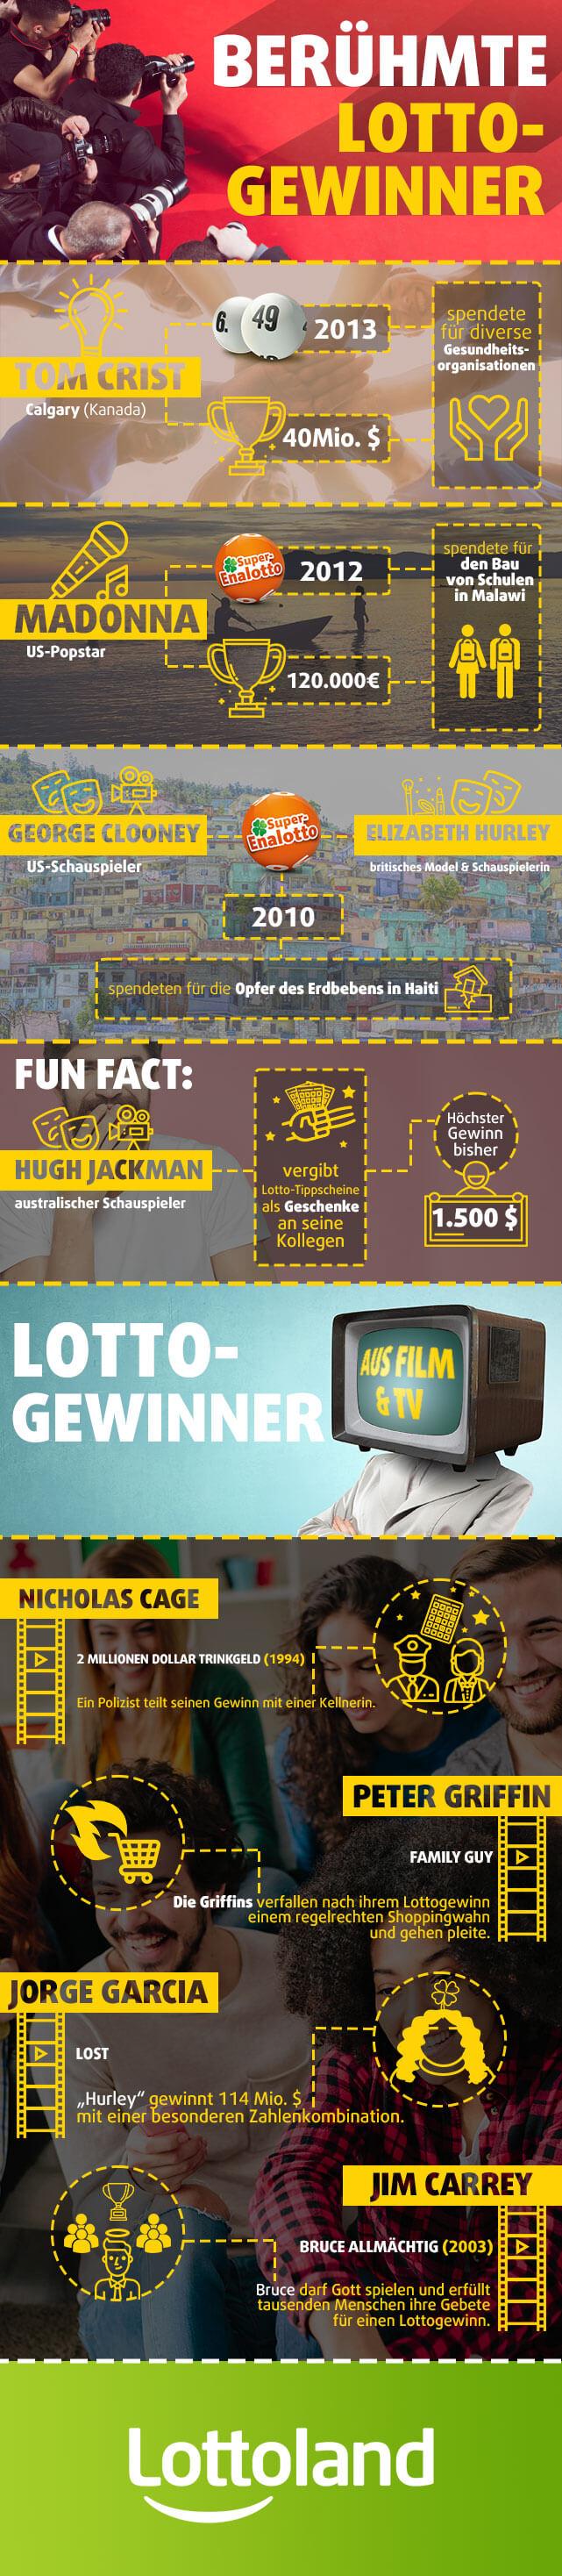 Berühmte Lottogewinner